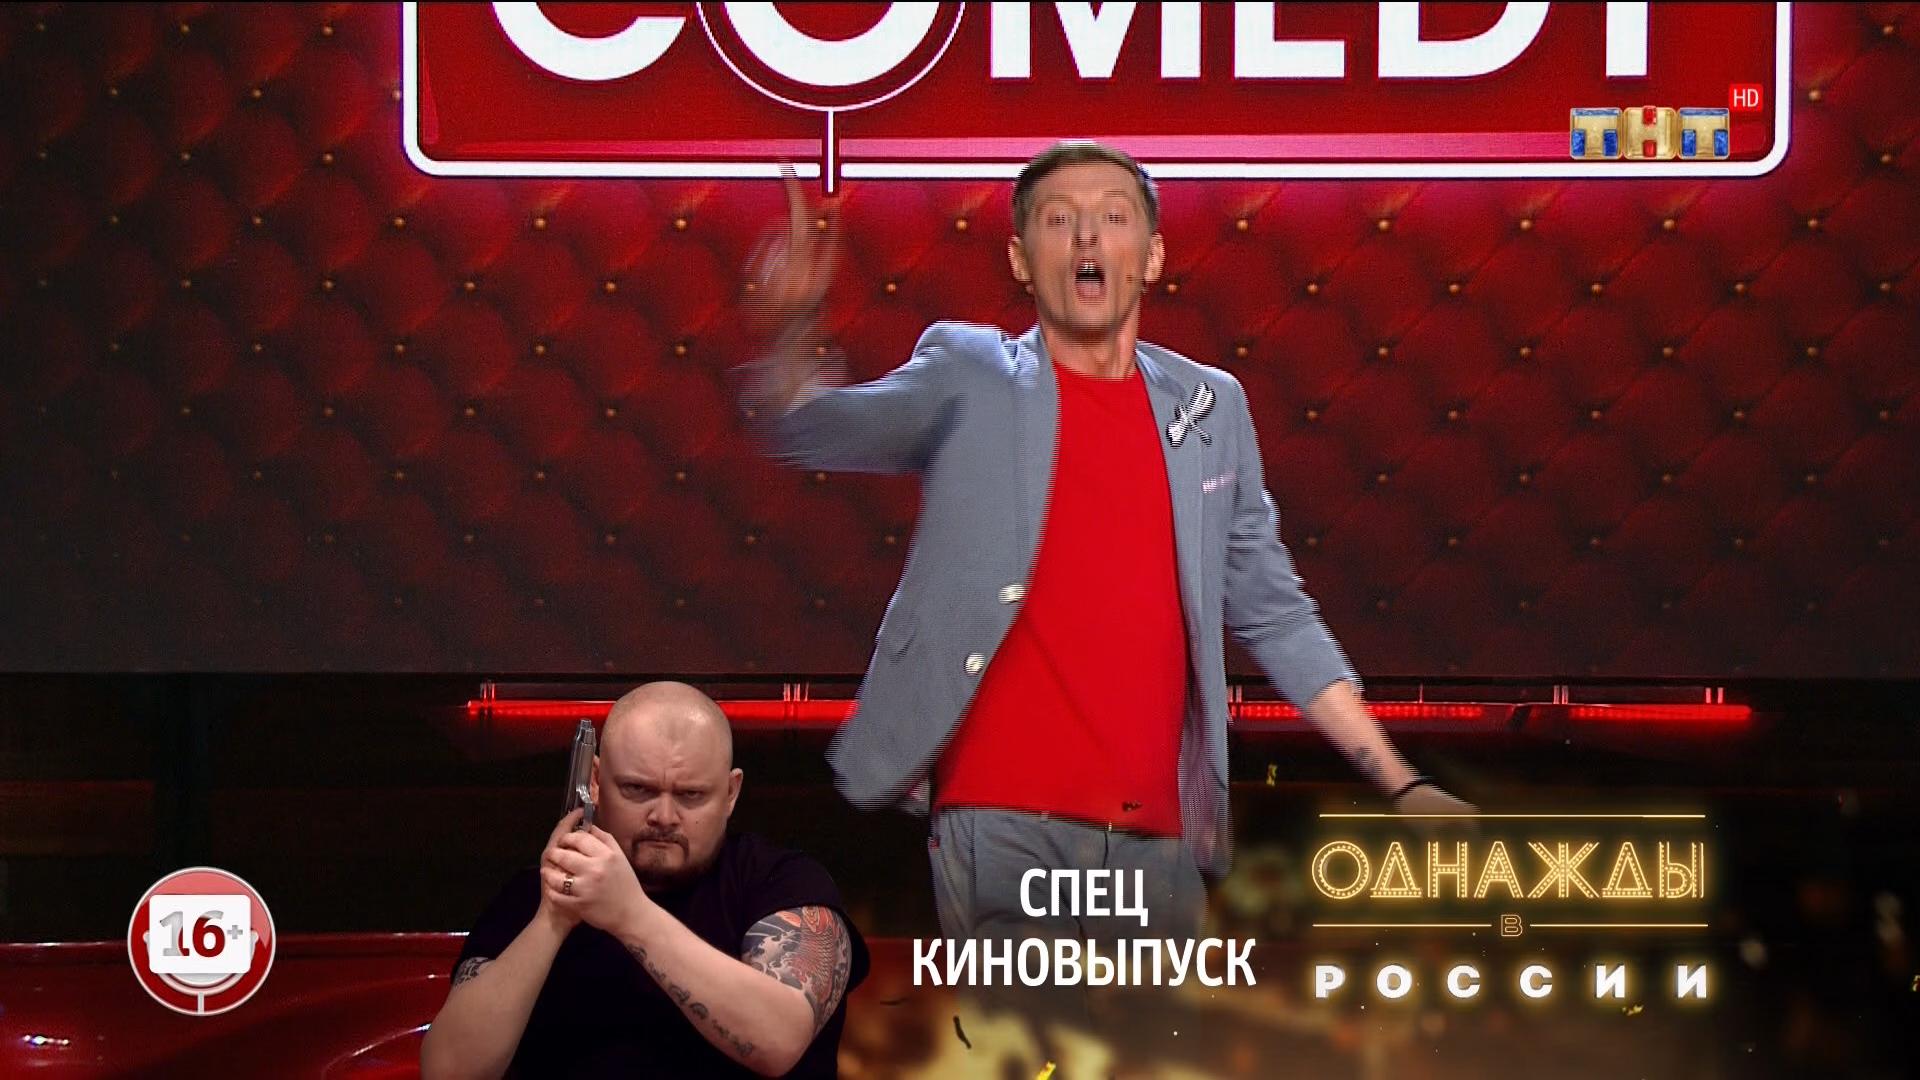 Импровизация / камеди клаб / комеди клаб / comedy club (20170414) hdtv h264/1080i (сезон 2, выпуск 14)